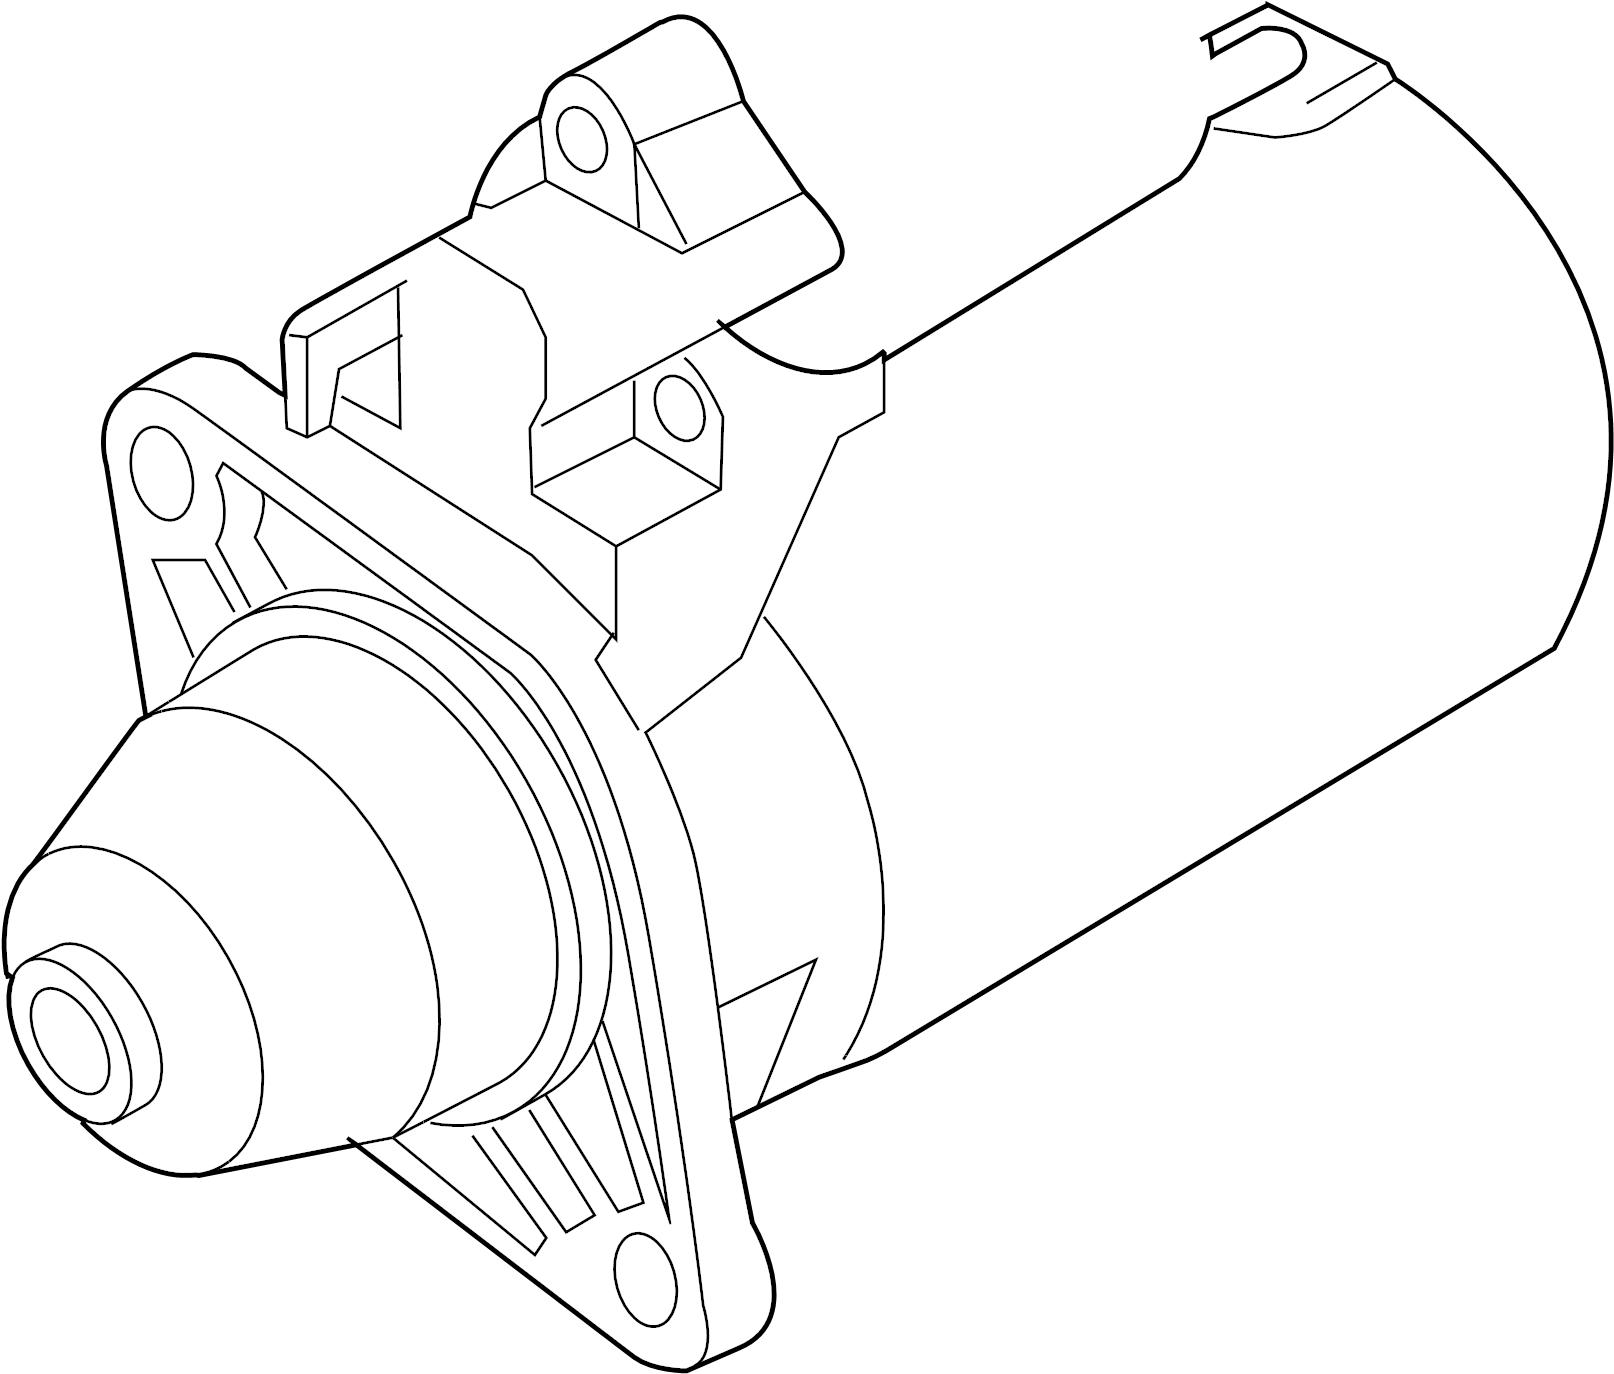 Volkswagen Phaeton Starter Motor 17 Kw From ChassisVIN    4E   5007 850 To ChassisVIN